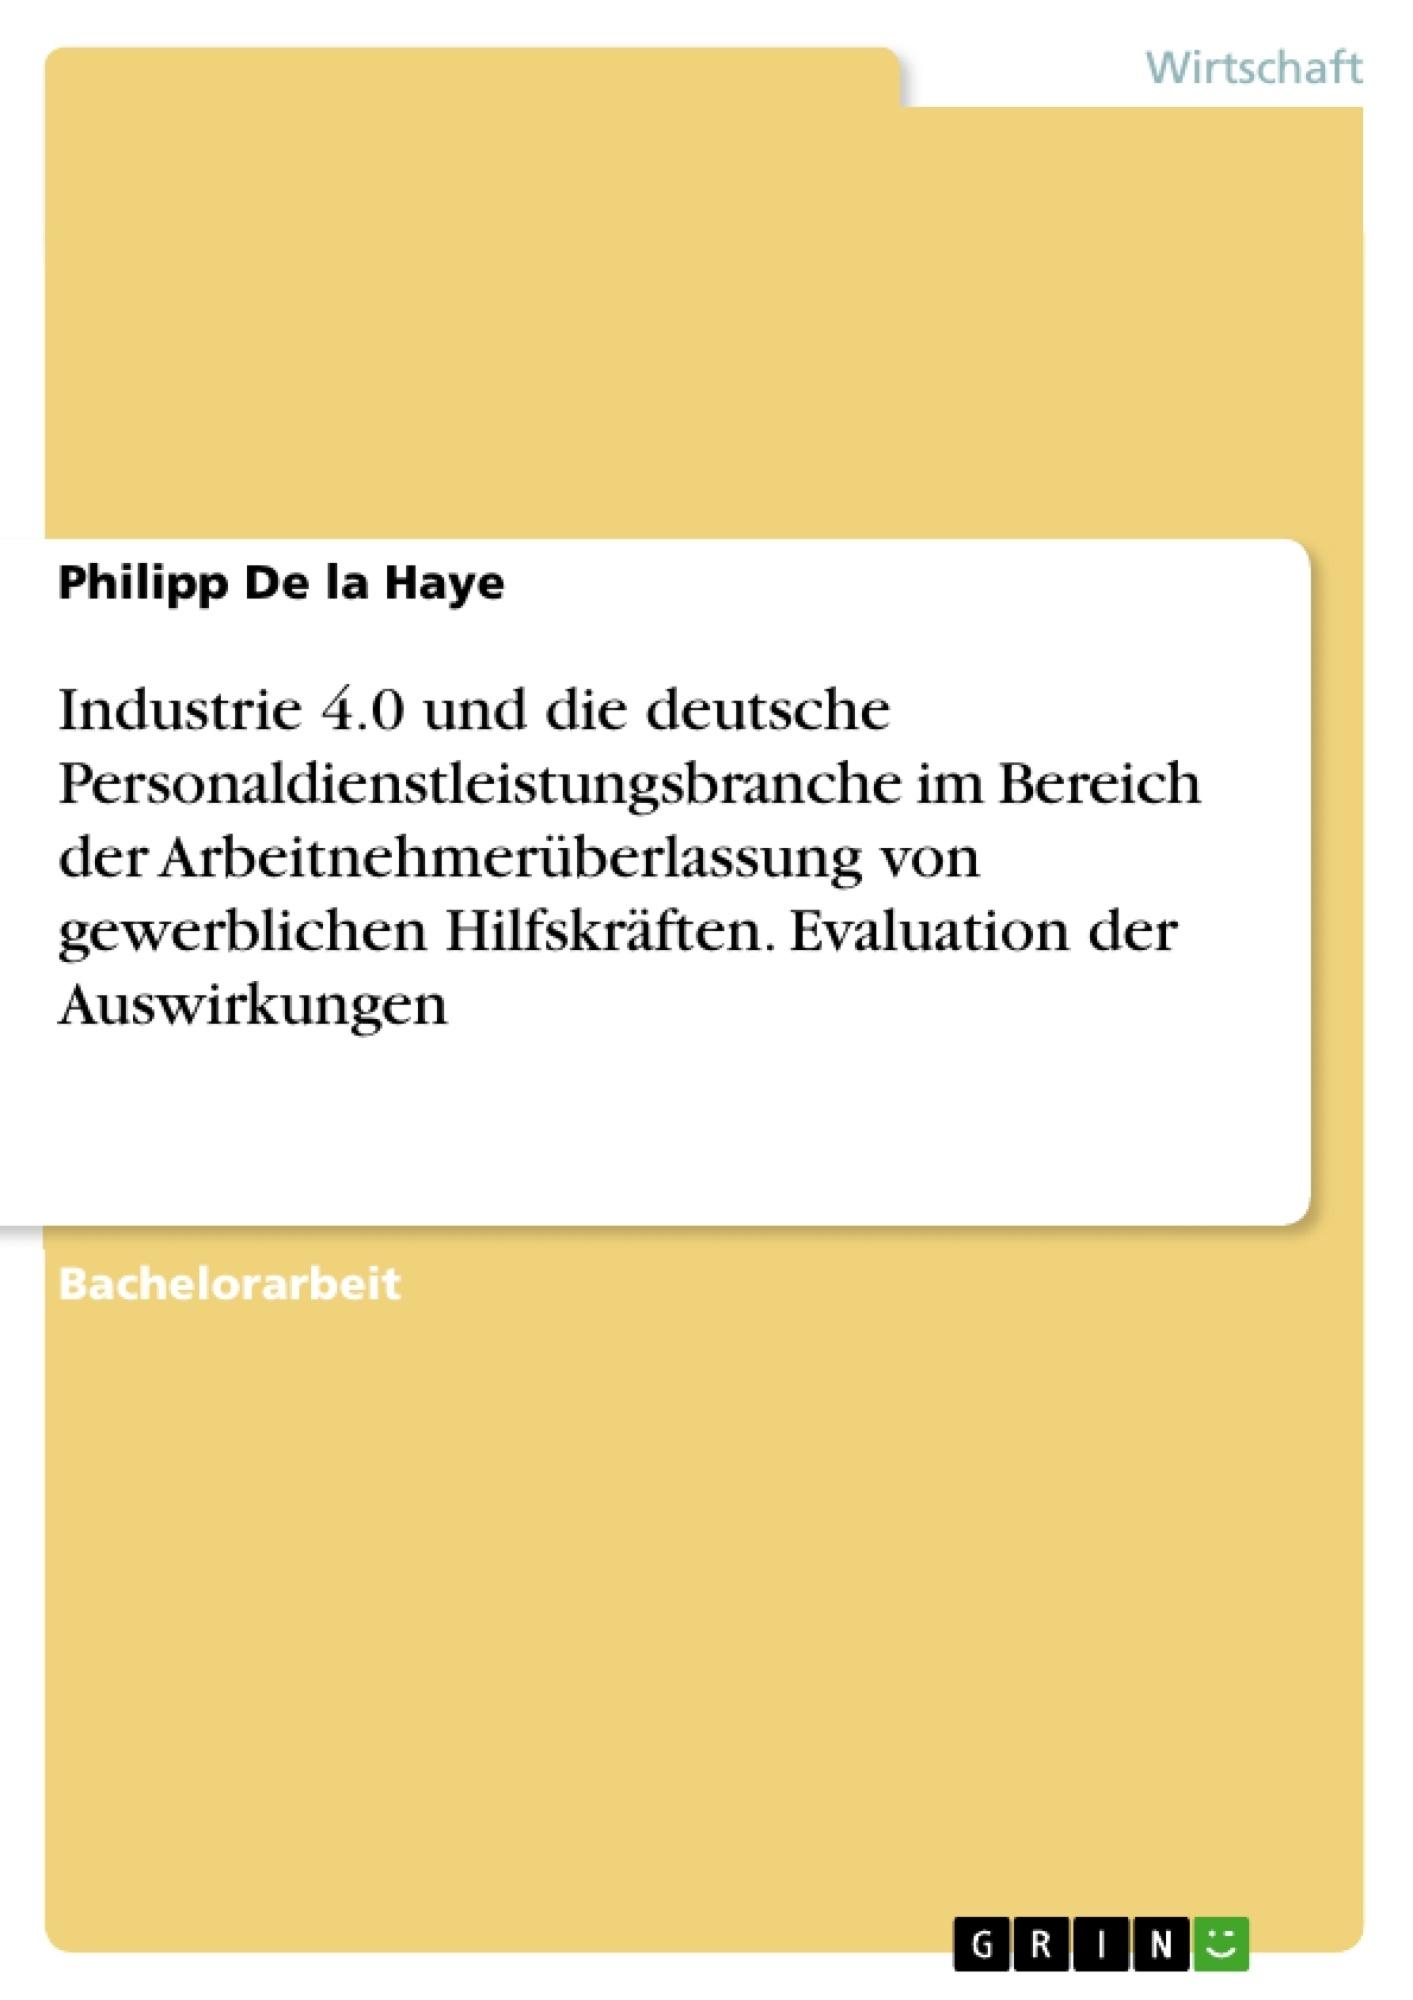 Titel: Industrie 4.0 und die deutsche Personaldienstleistungsbranche im Bereich der Arbeitnehmerüberlassung von gewerblichen Hilfskräften. Evaluation der Auswirkungen